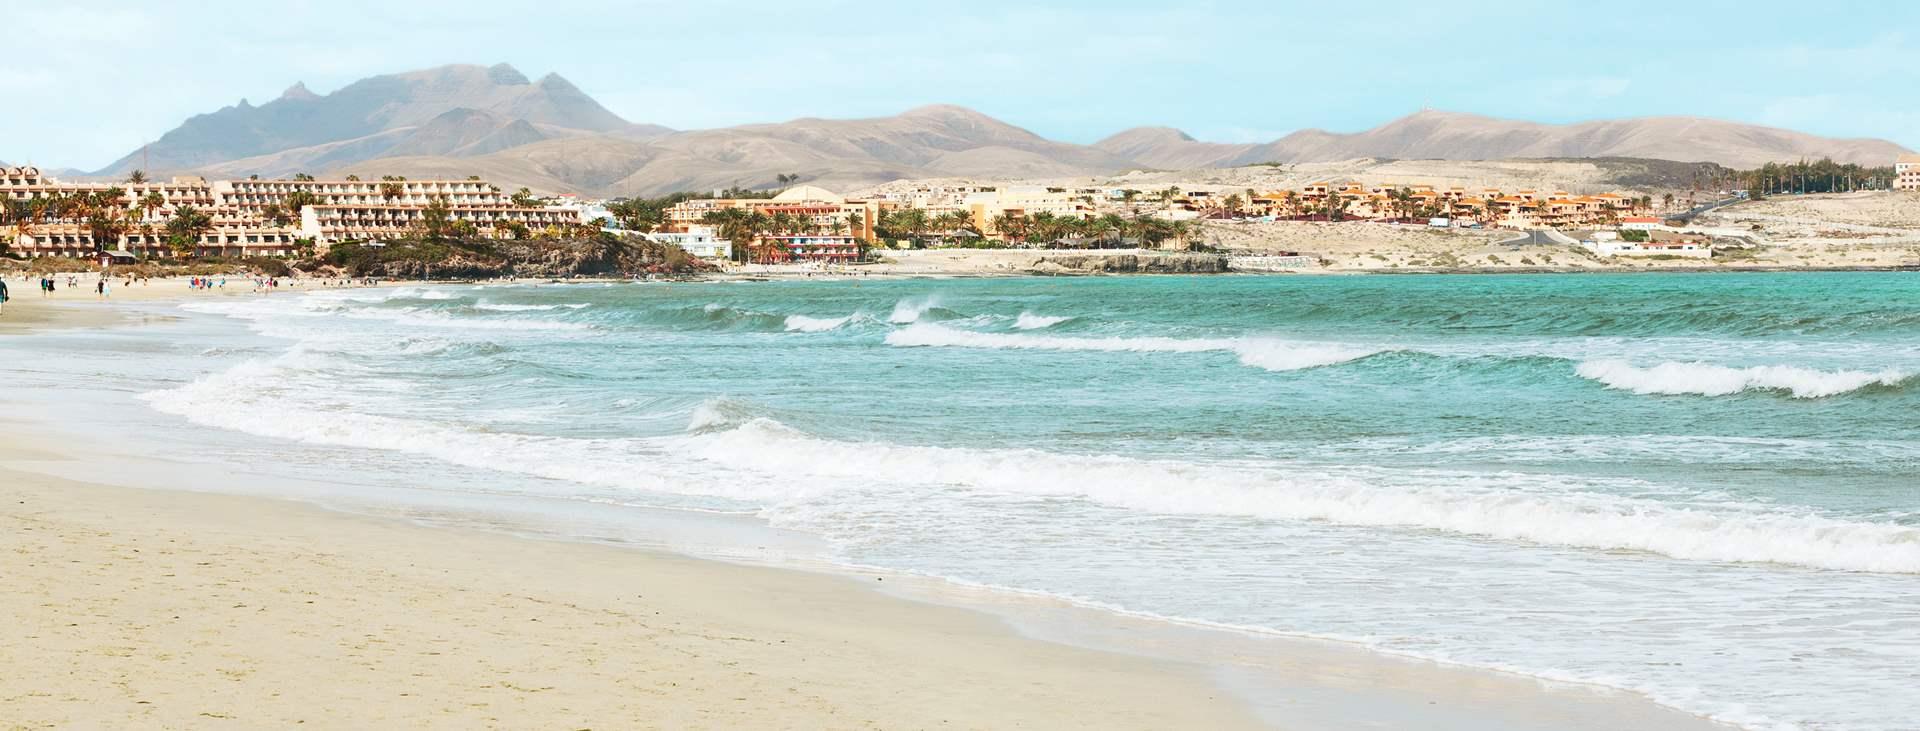 Rantaelämää ja rauhallista ilmapiiriä luvassa - Varaa matkasi Tjäreborgilta All Inclusive -hotelliin Costa Calmaan, Fuerteventuralle